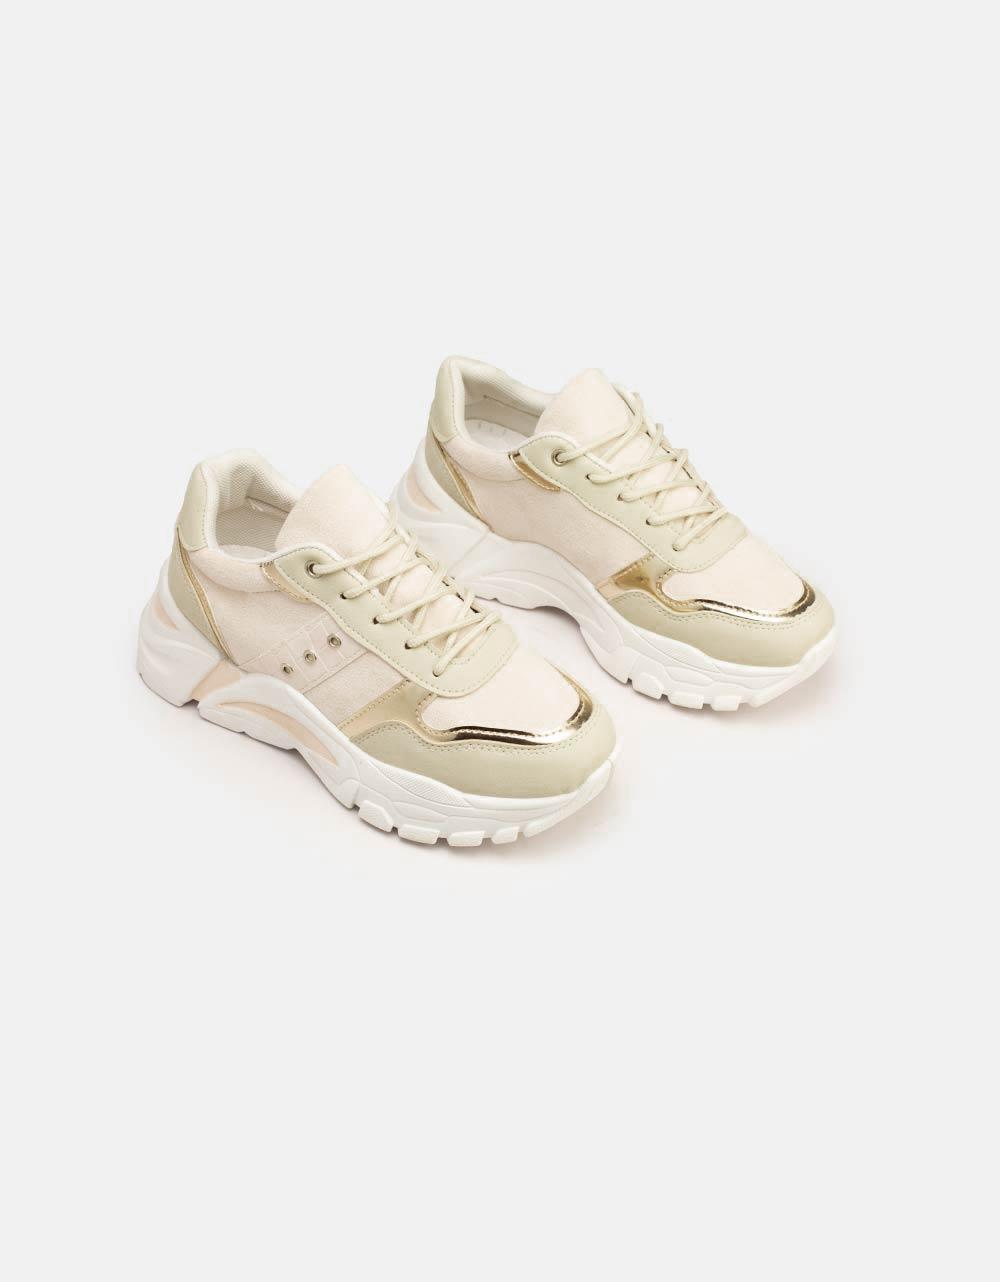 Εικόνα από Γυναικεία sneakers με ανάγλυφες λεπτομέρειες Μπεζ